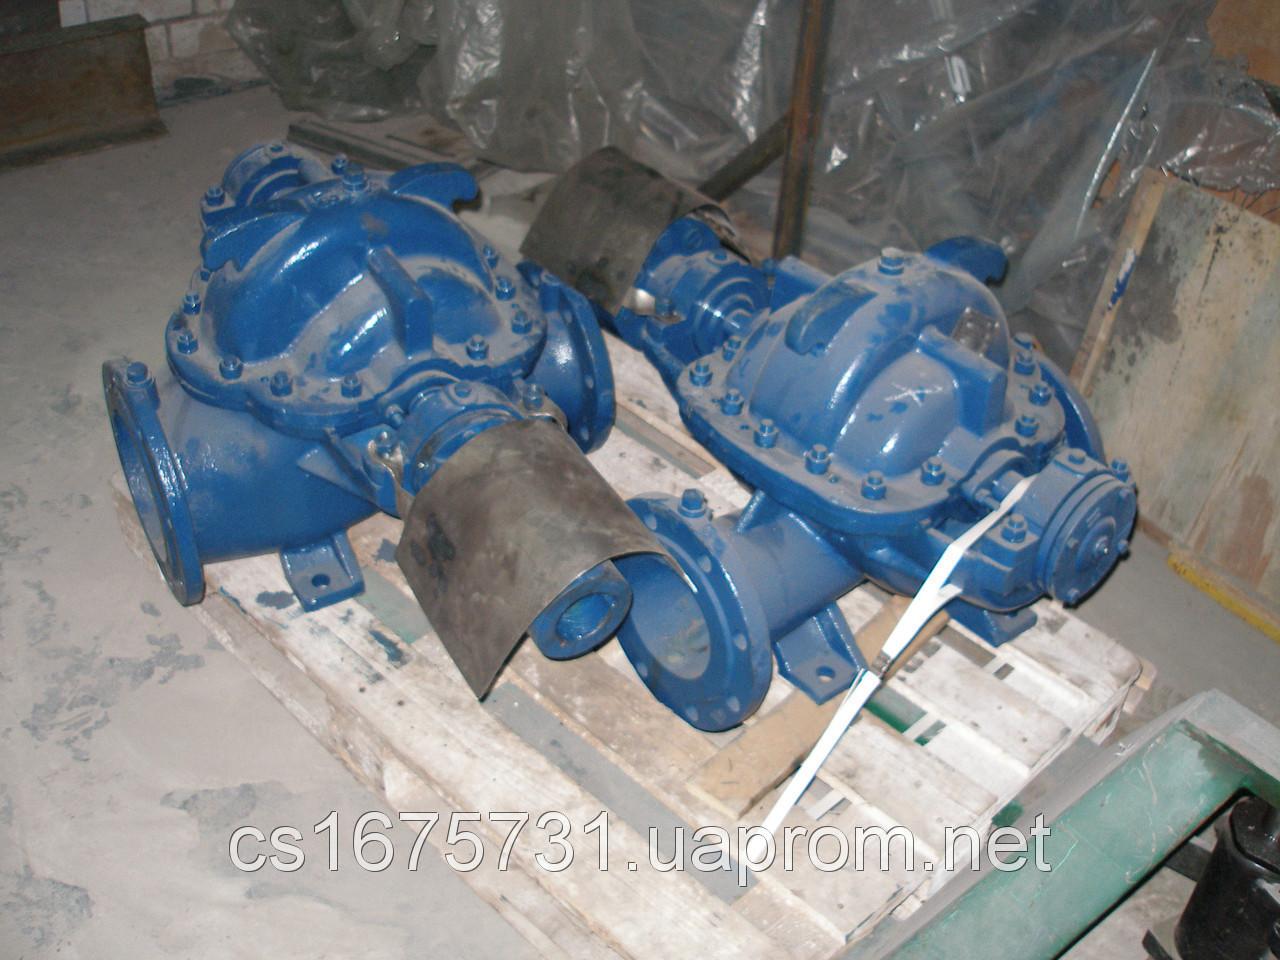 Насос центробежный  типа Д 200-36 (б) с эл. двиг. 22 кВт/1500 об.мин.